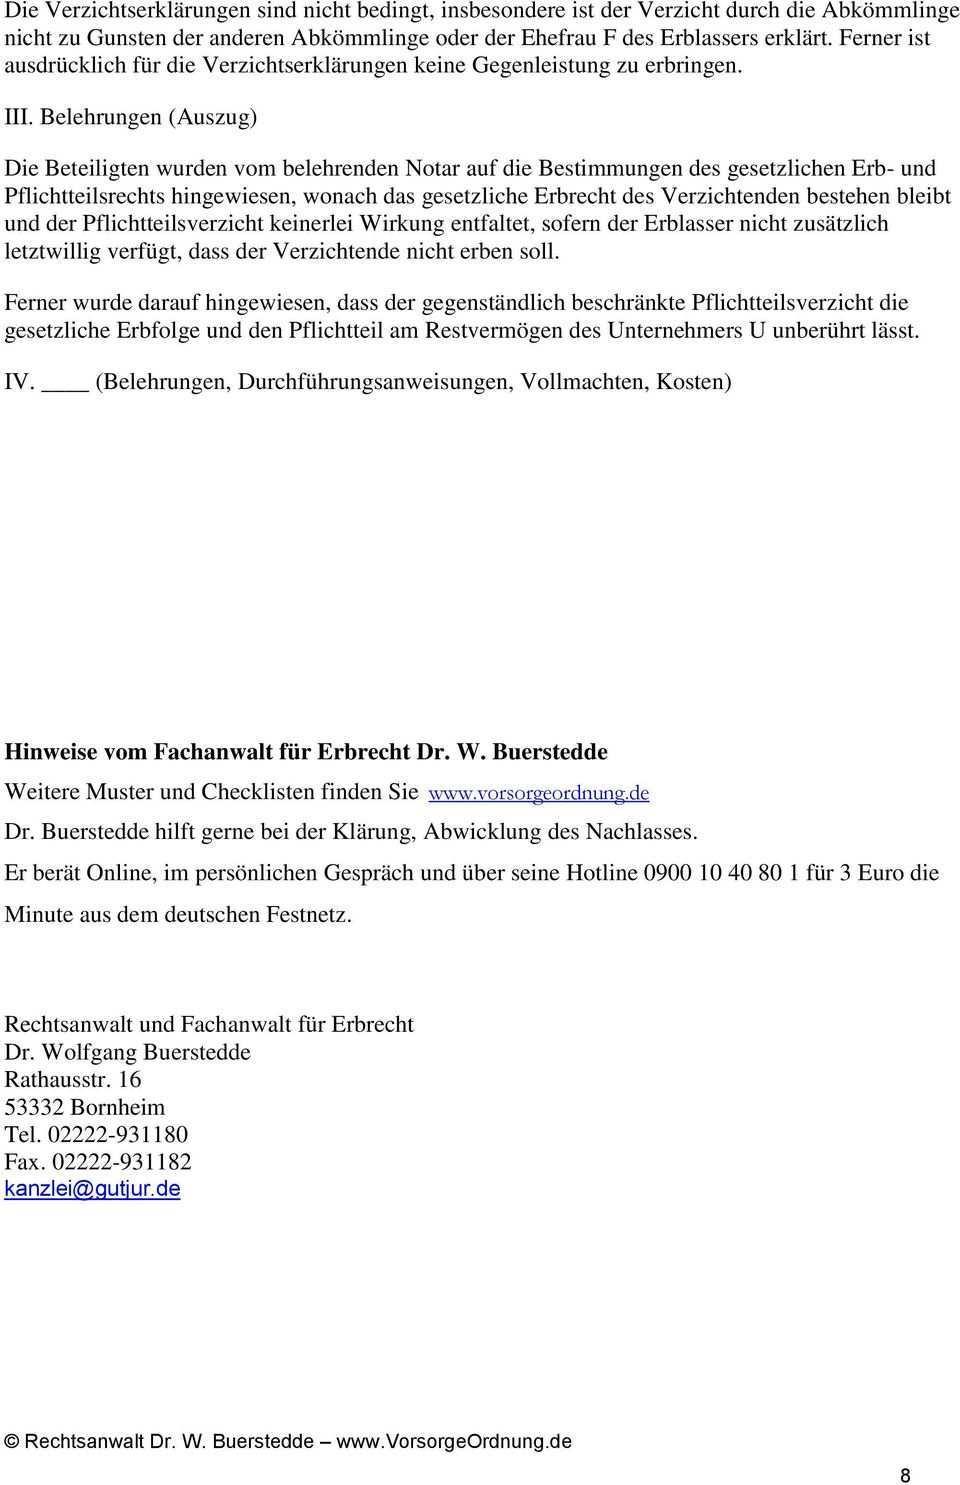 Der Erbverzicht Fuhrt Zu Einer Erhohung Der Pflichtteilsrecht Der Ubrigen Nicht Rechtsanwalt Dr W Buerstedde Www Vorsorgeordnung Pdf Free Download